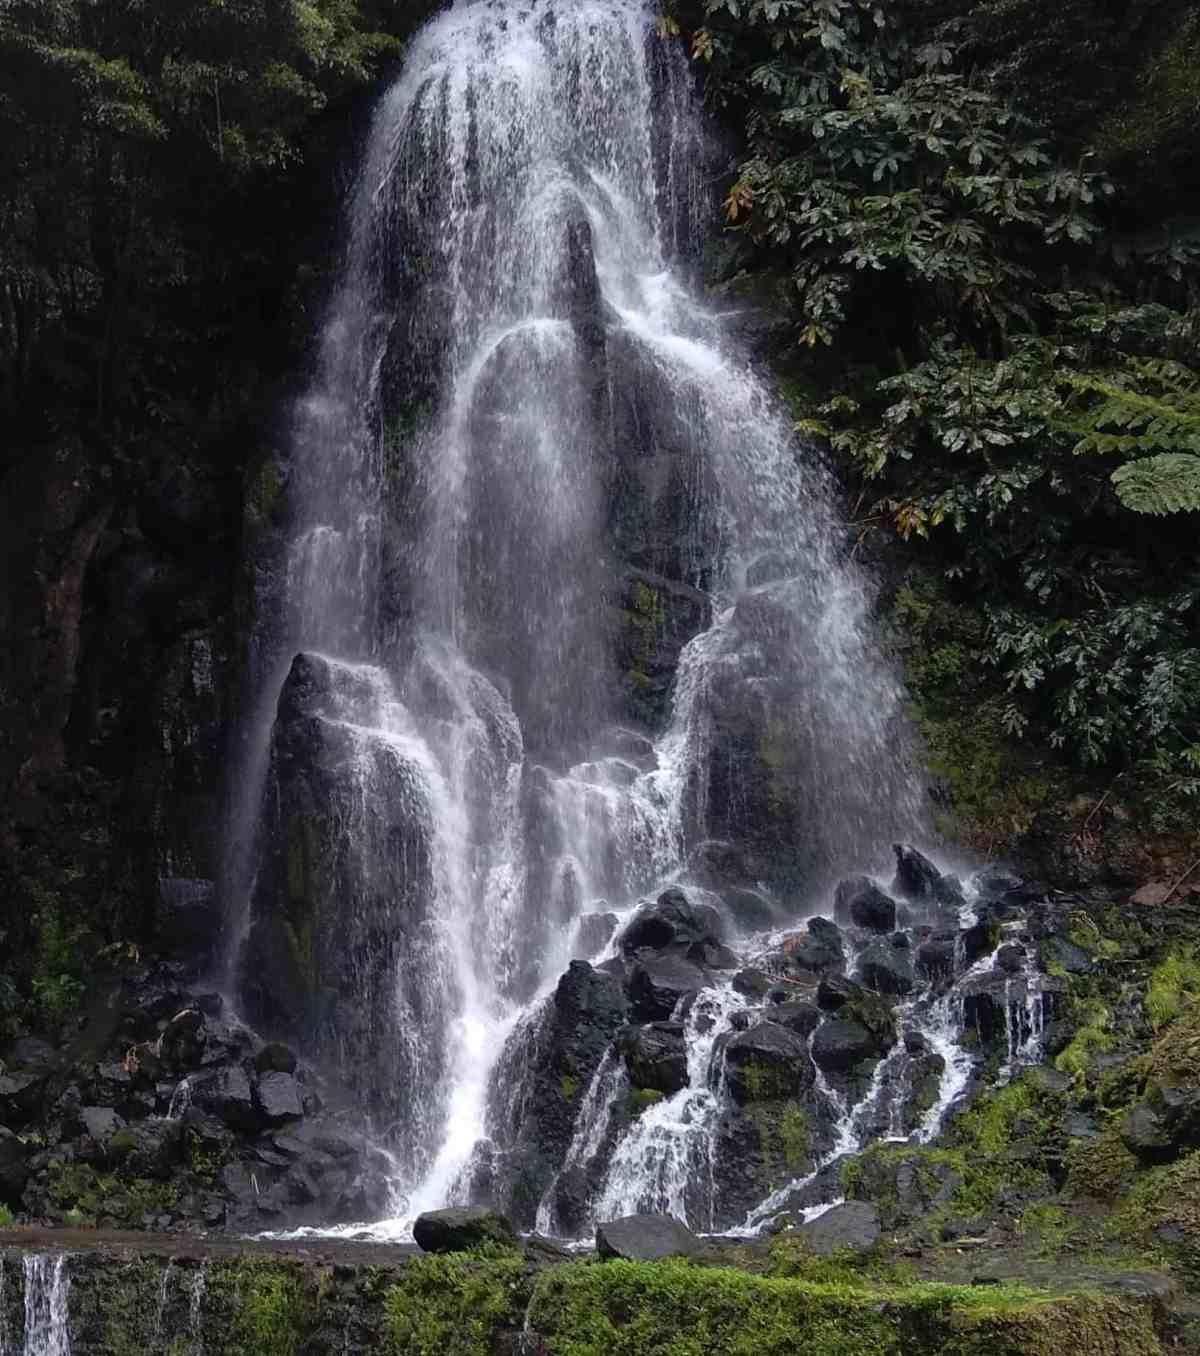 Cascata no Parque Natural da Ribeira dos Caldeirões, no Nordeste da ilha de S. Miguel, Açores